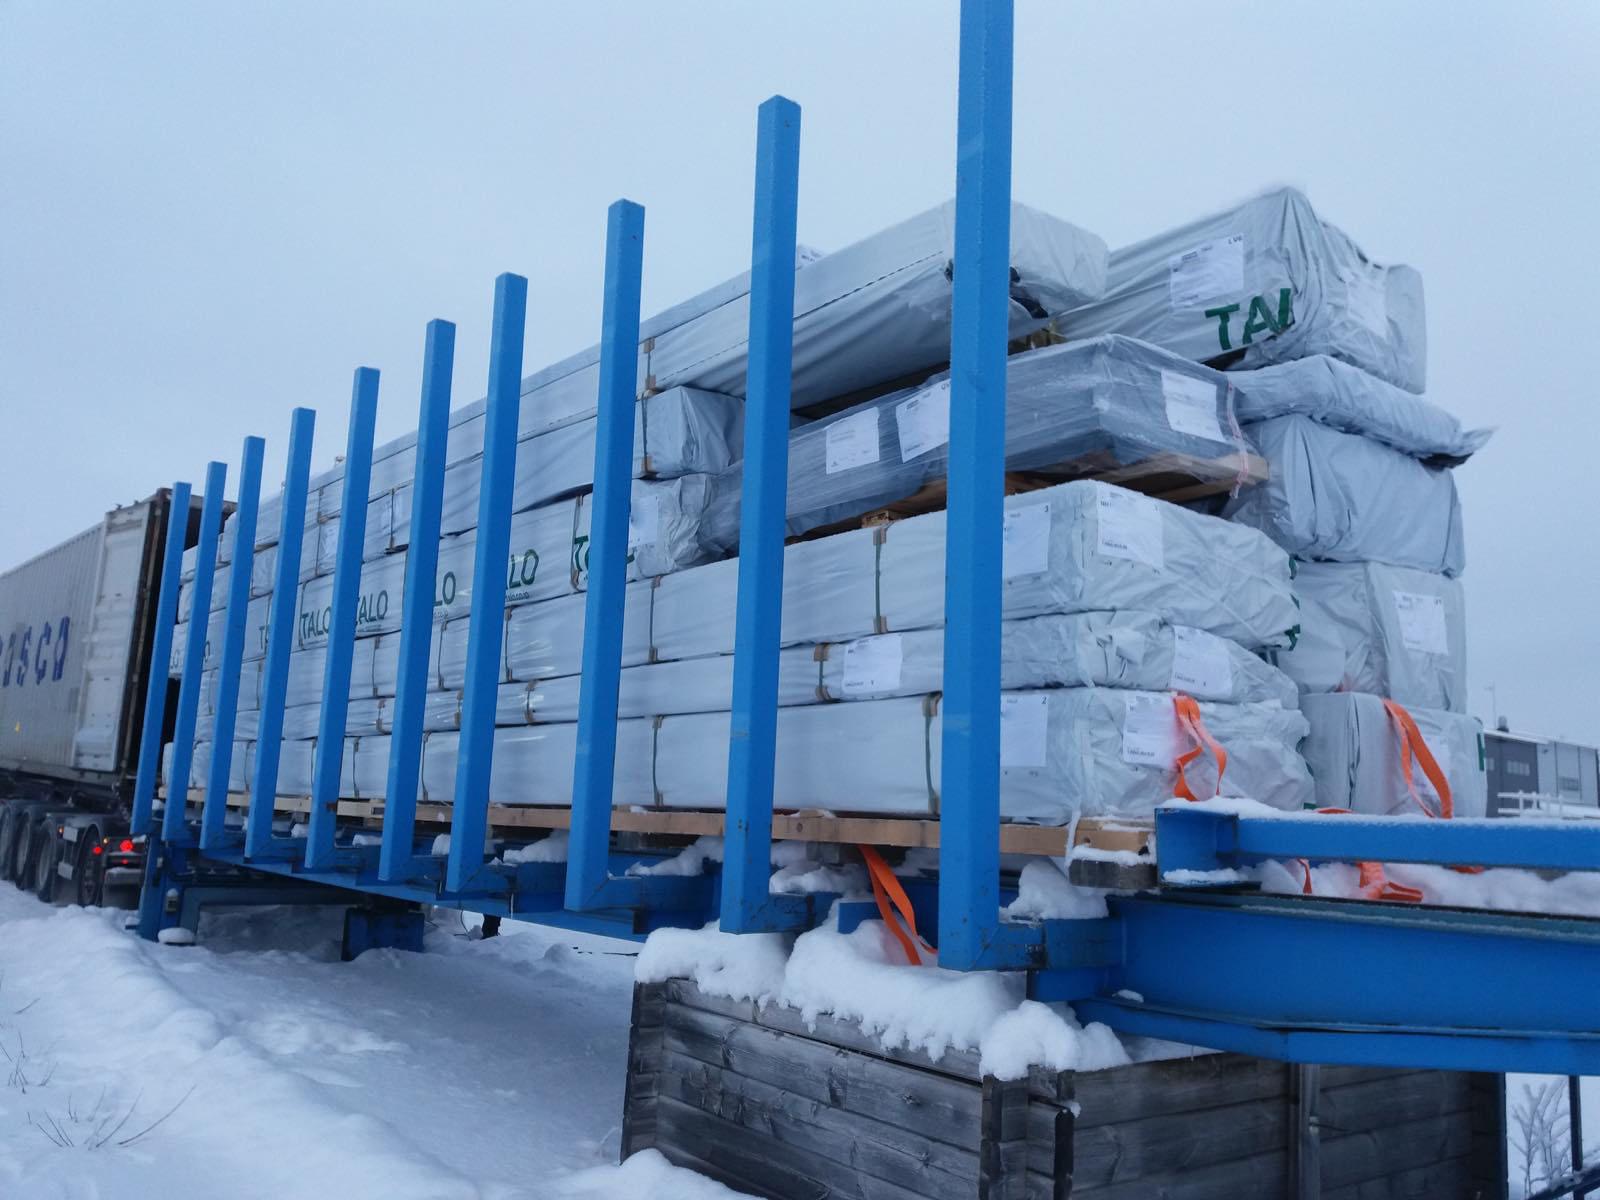 フィンランドの部材が出荷される様子です